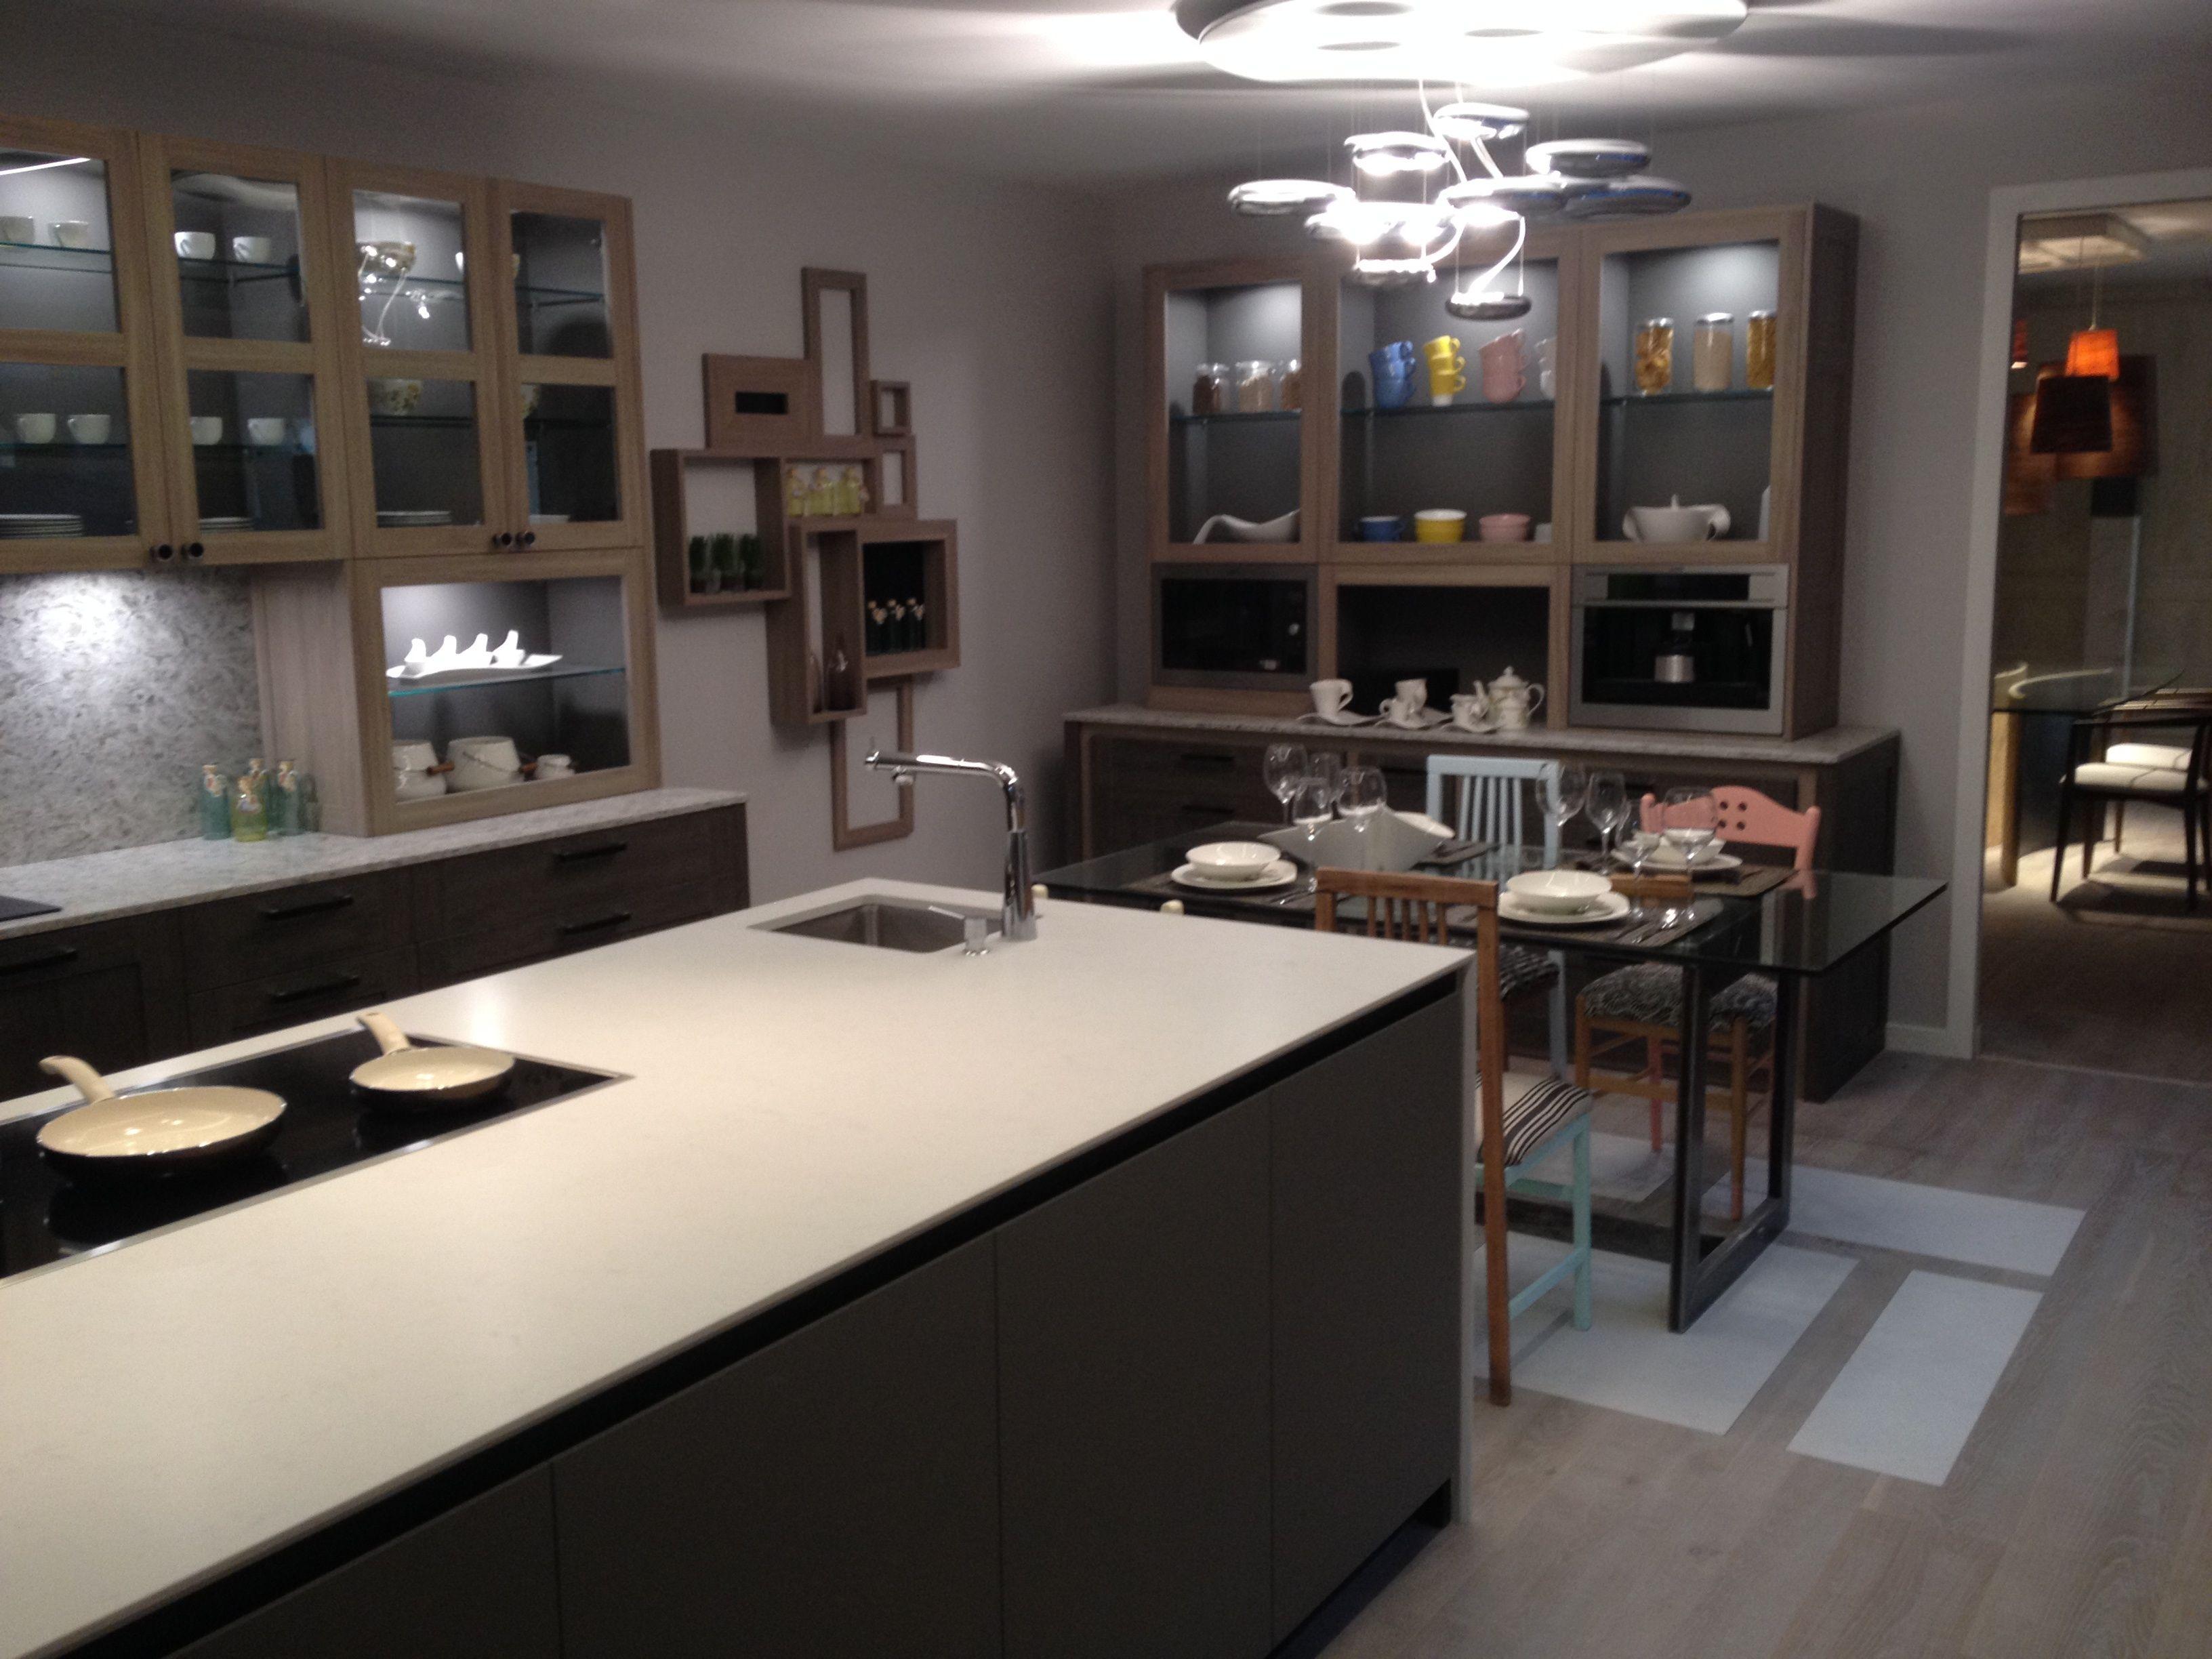 Casa Decor 2015- Cocina de Línea 3 Cocinas | Cocina en Casa Decor ...